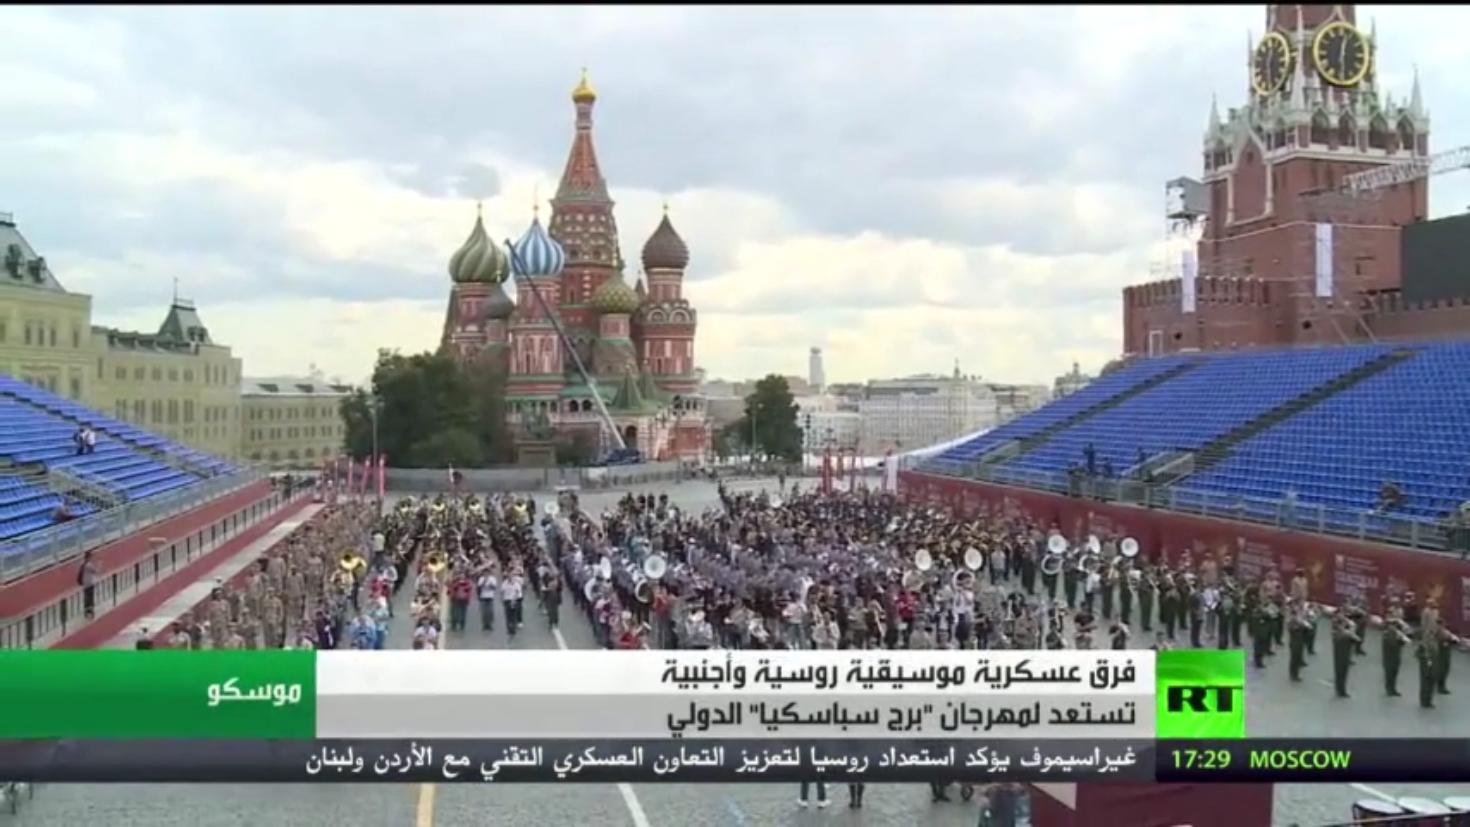 فرق عسكرية موسيقية روسية وأجنبية تستعد لمهرجان